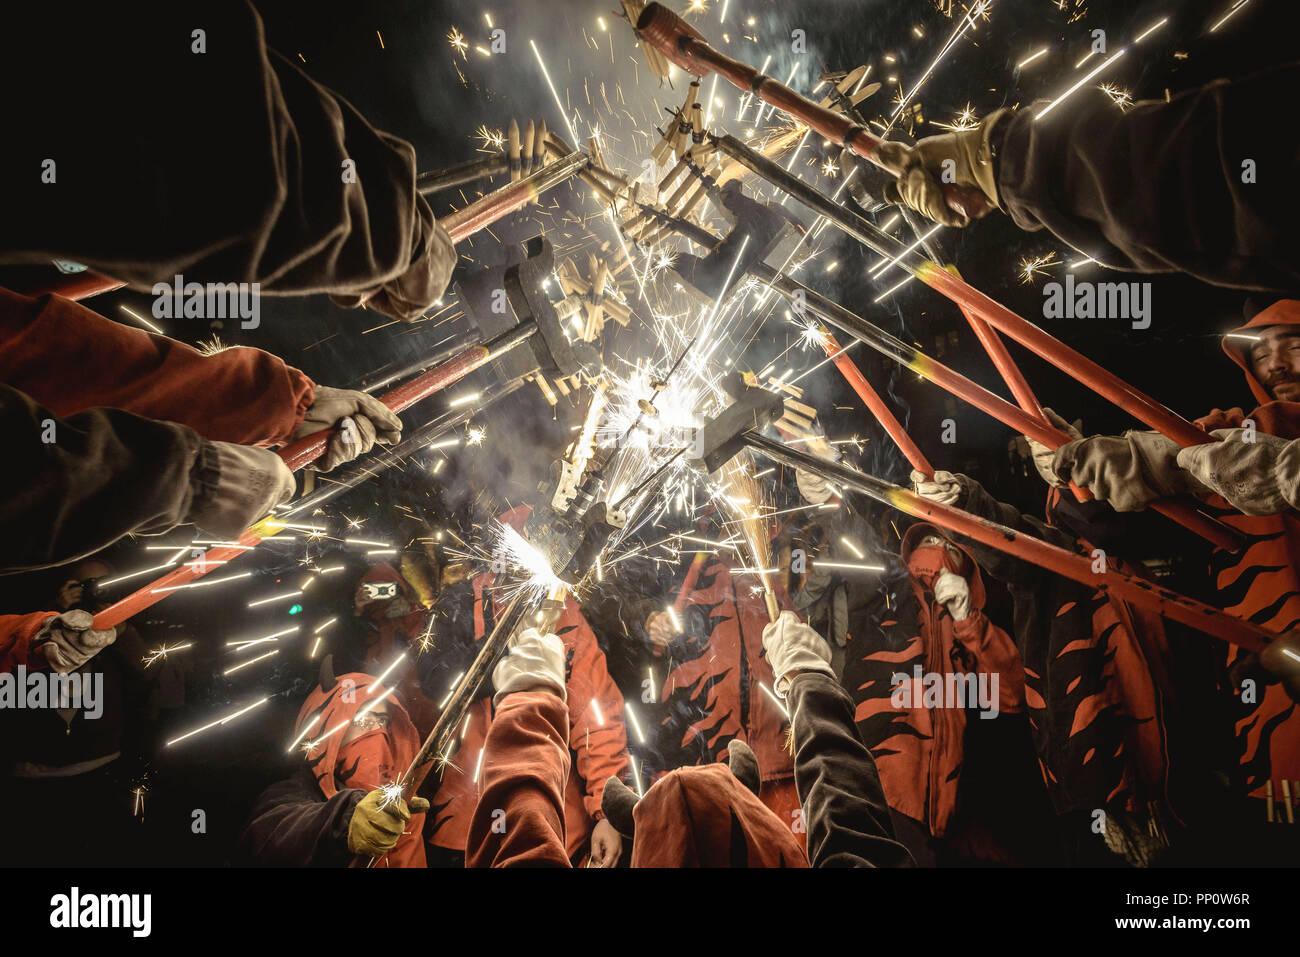 Barcelone, Espagne. 22 Septembre, 2018: 'Correfocs' (feu porteur) se rassemblent pour éclairer leurs feux d'artifice au cours de la Fiesta Mayor de Barcelone (festival principal), la Merce Crédit: Matthias Rickenbach/Alamy Live News Banque D'Images